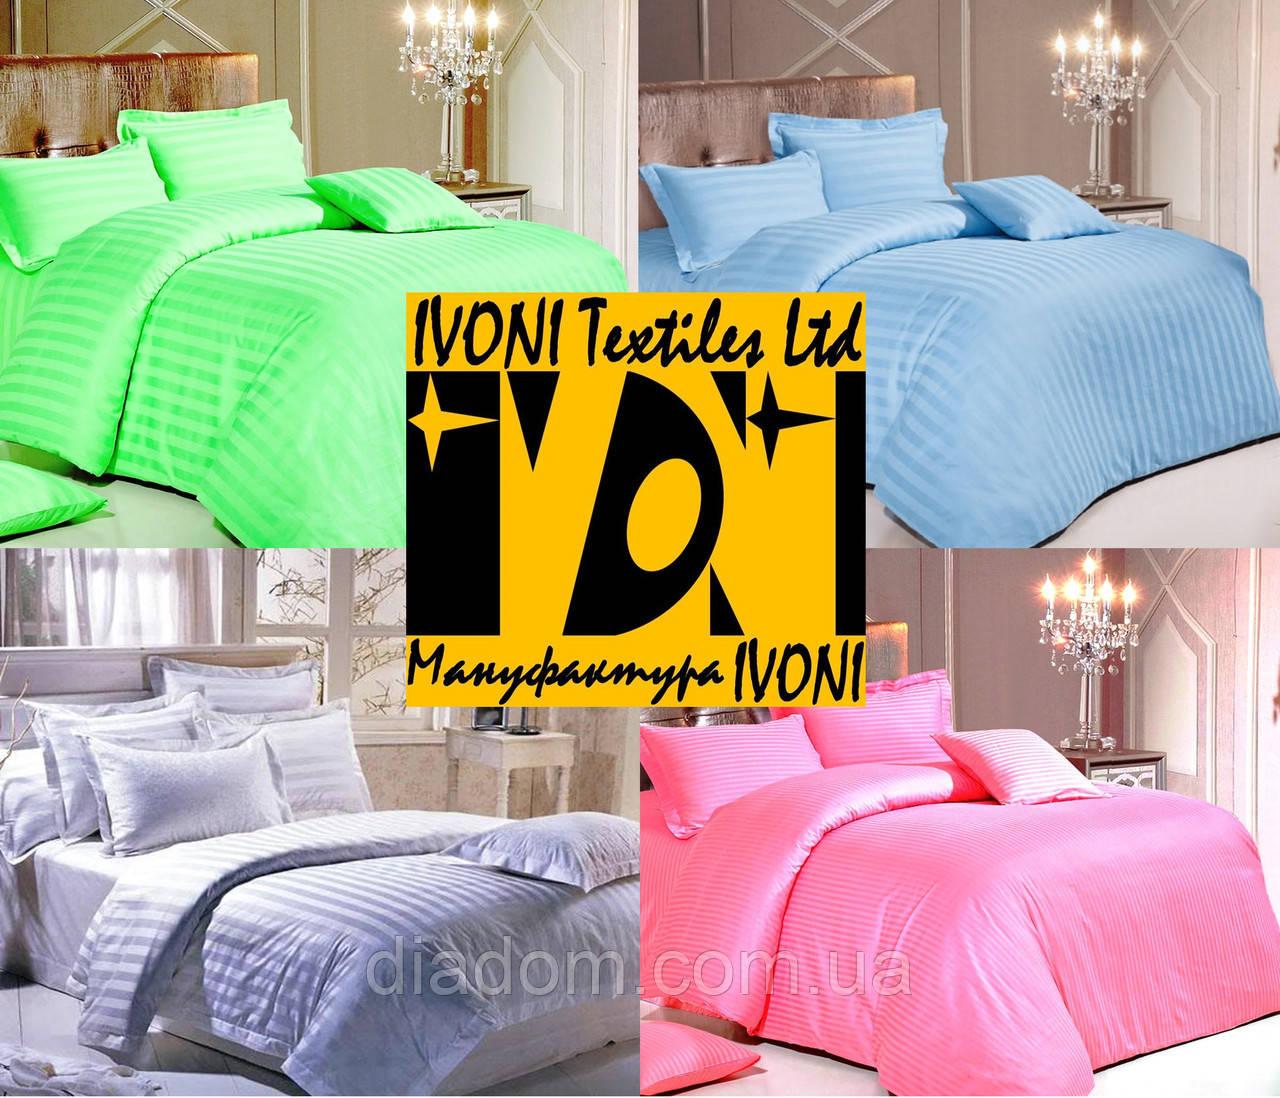 Комплекты 2-сп. с Европростыней постельного белья от IVONI из сатина и страйп-сатина серии ELITE. Хлопок 100%